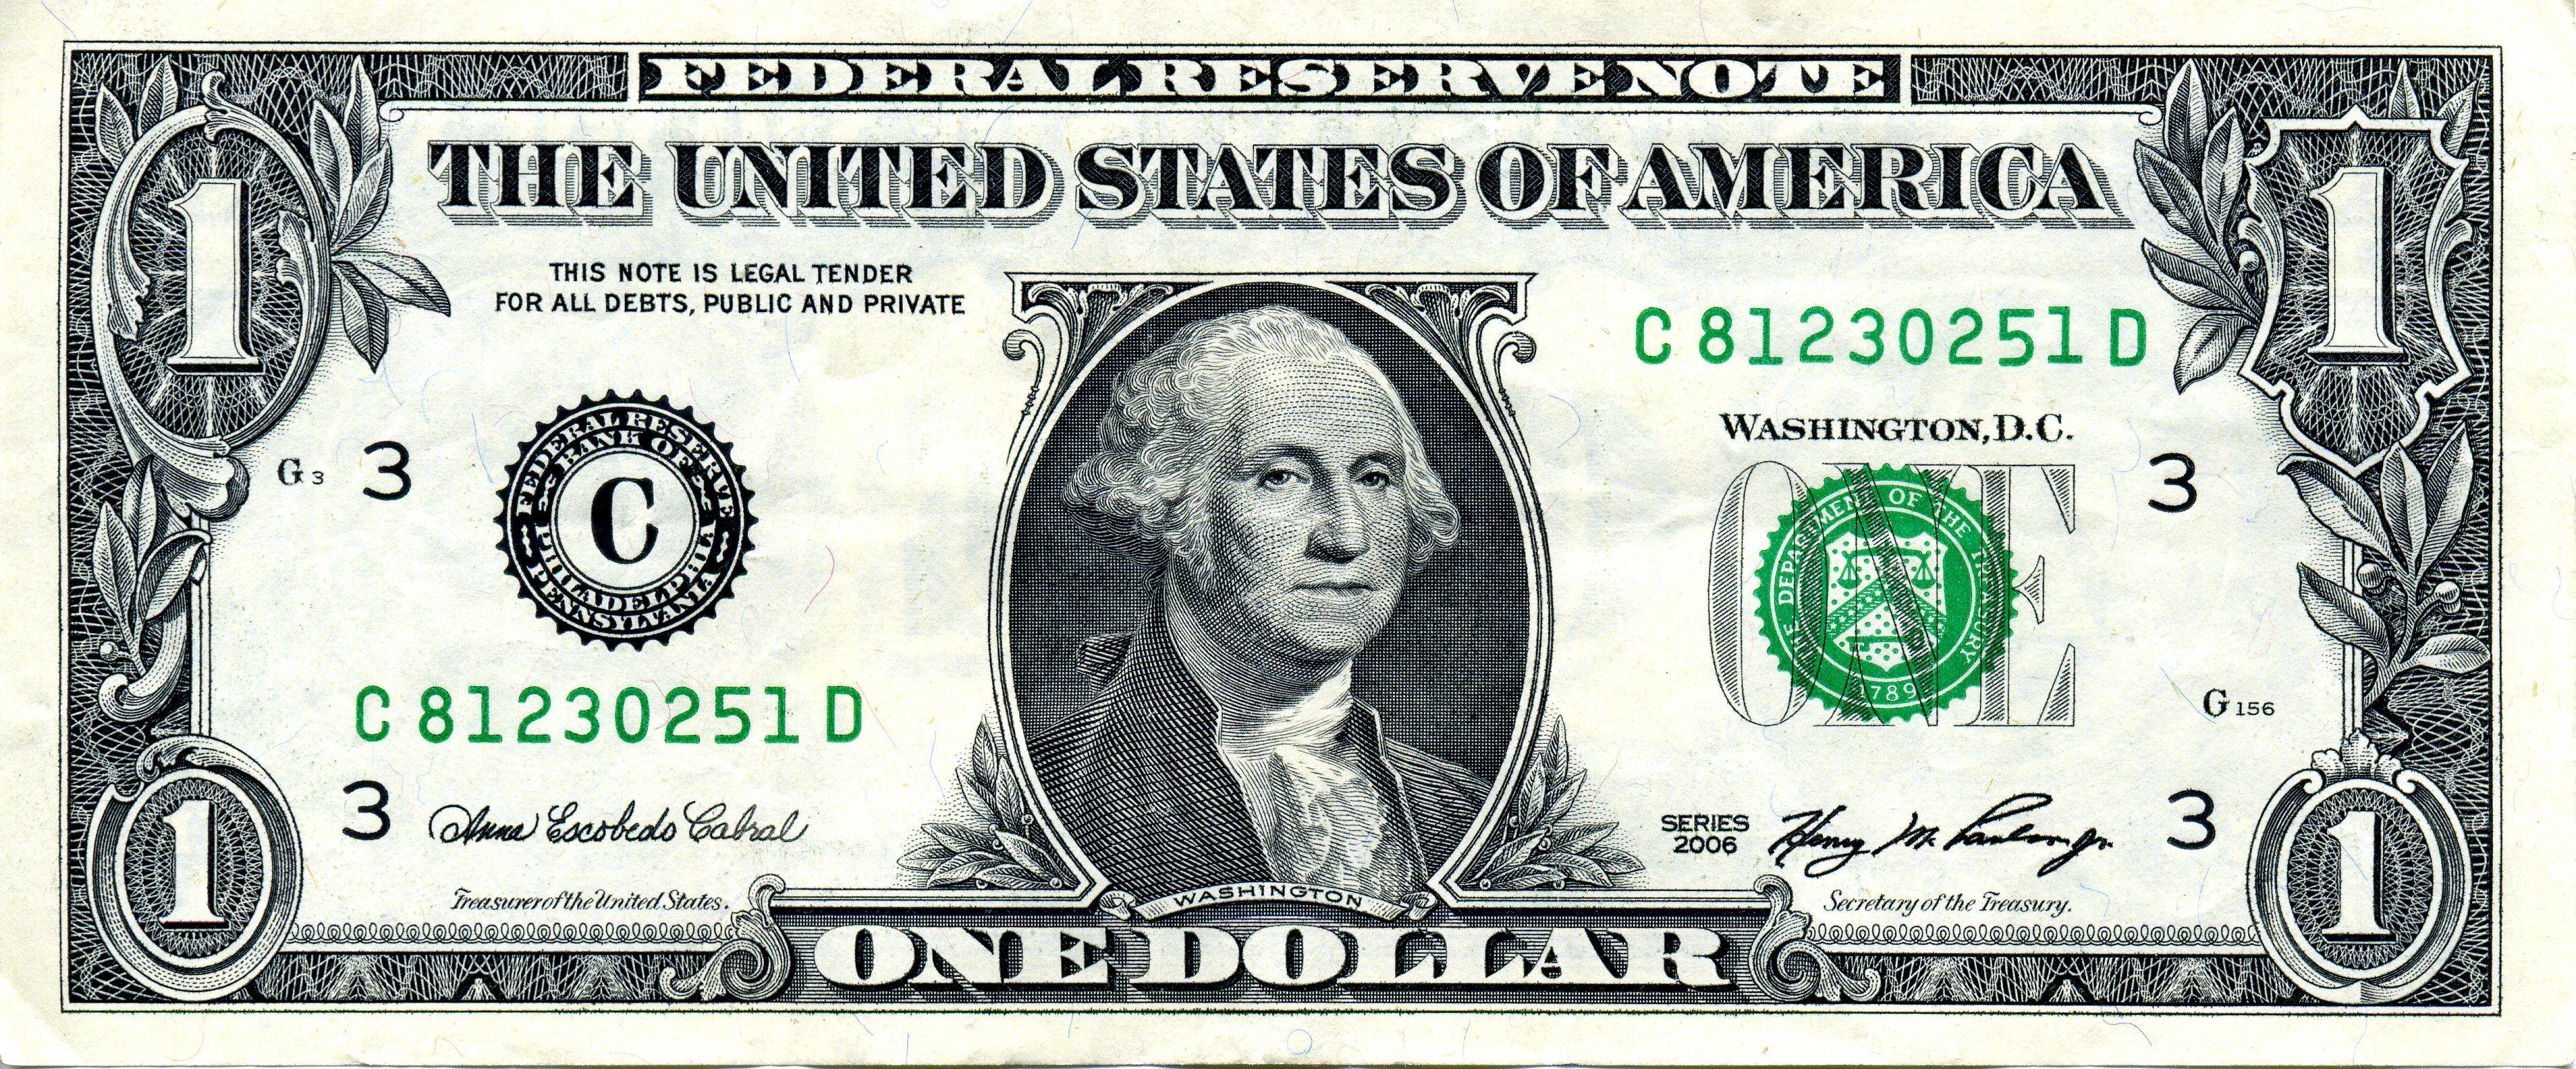 Dollar Bill Clipart Images One Dollar Bill Dollar Bill Money Template